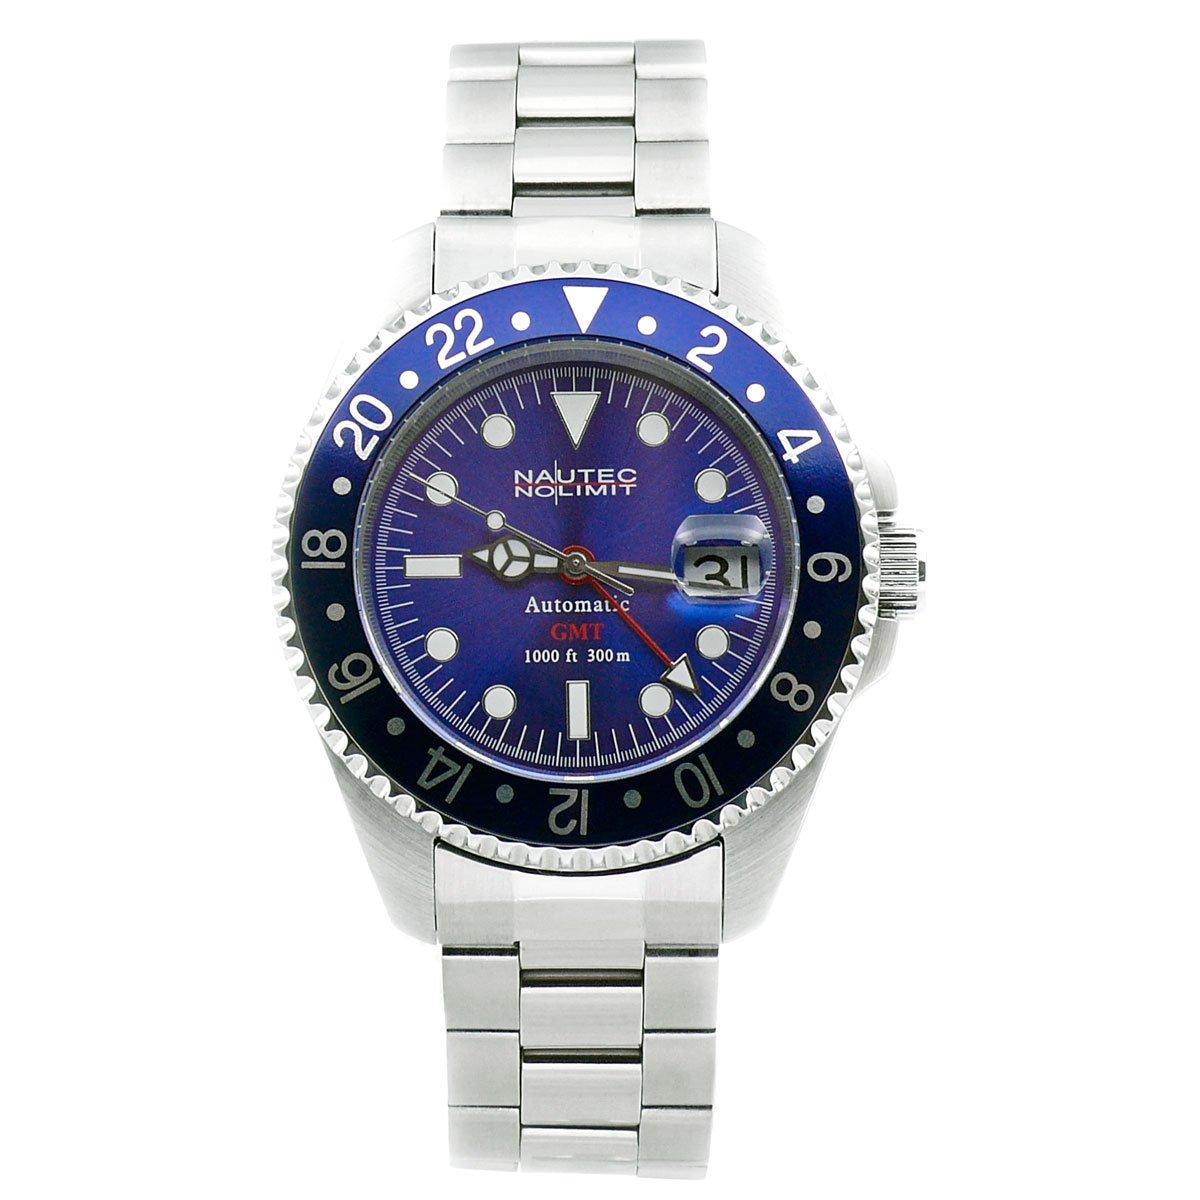 Nautec No Limit Deep Sea - Reloj analógico de caballero automático con correa de acero inoxidable plateada - sumergible a 200 metros